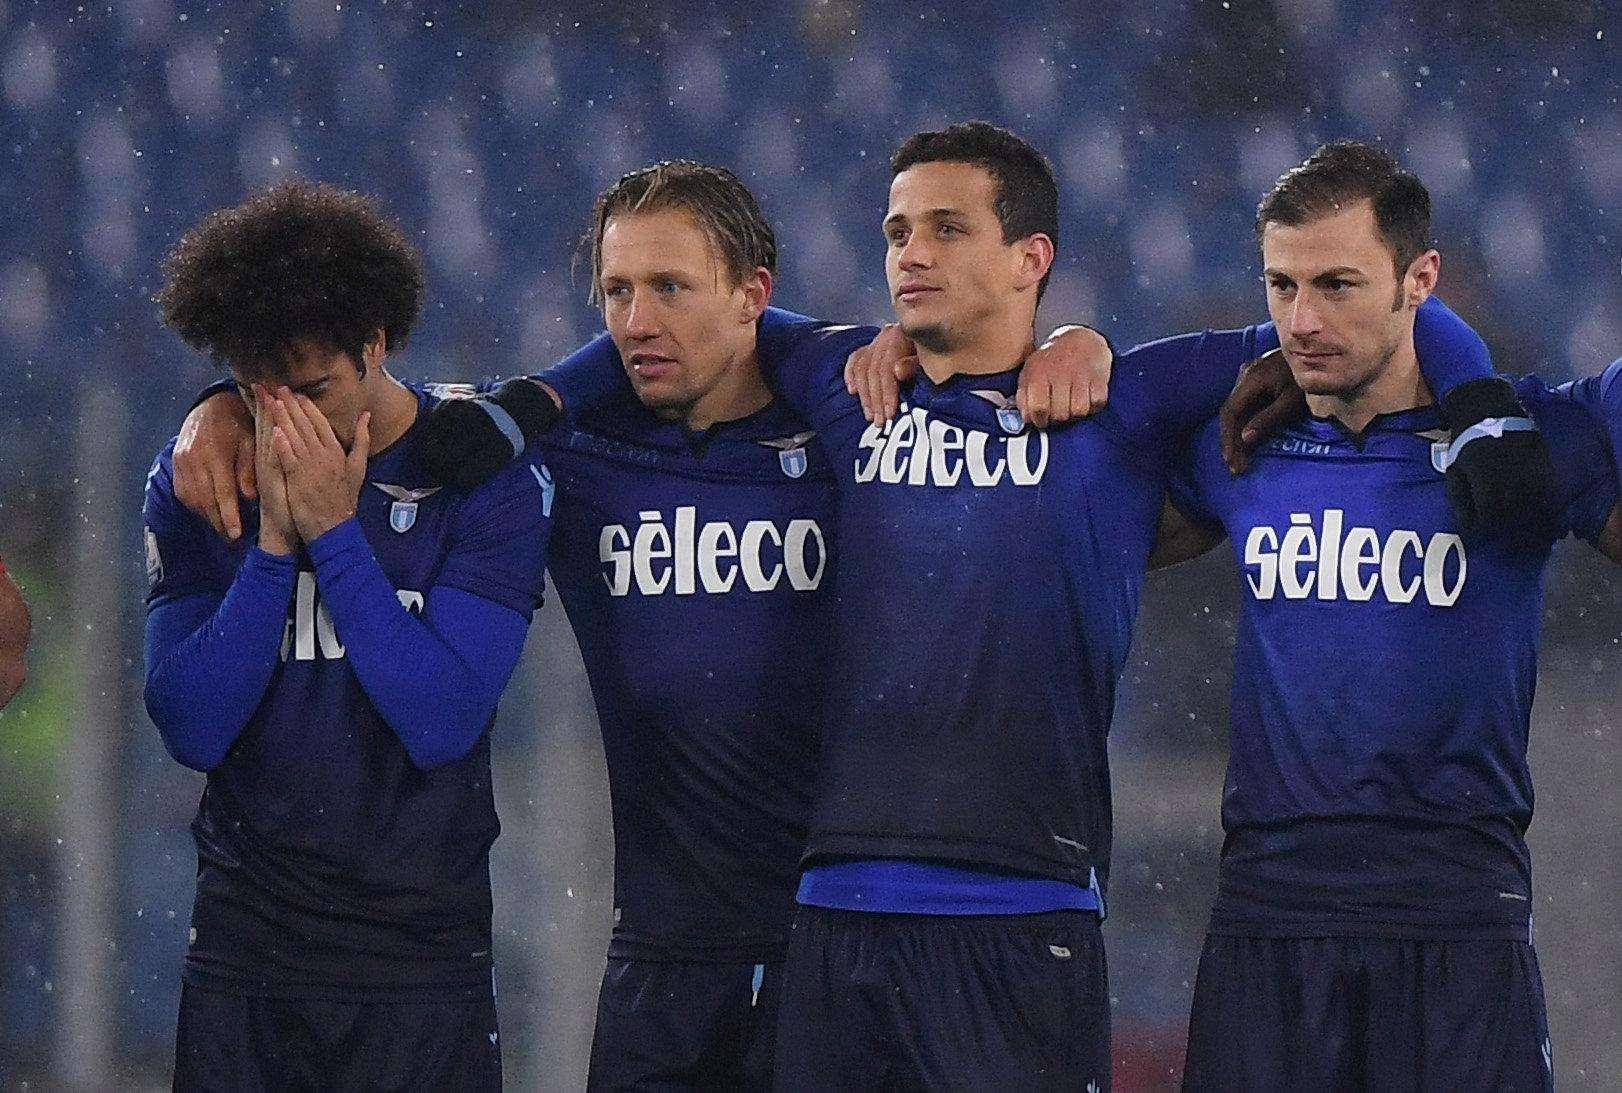 Lazio đang thua kém Juve về thể lực và tâm lý